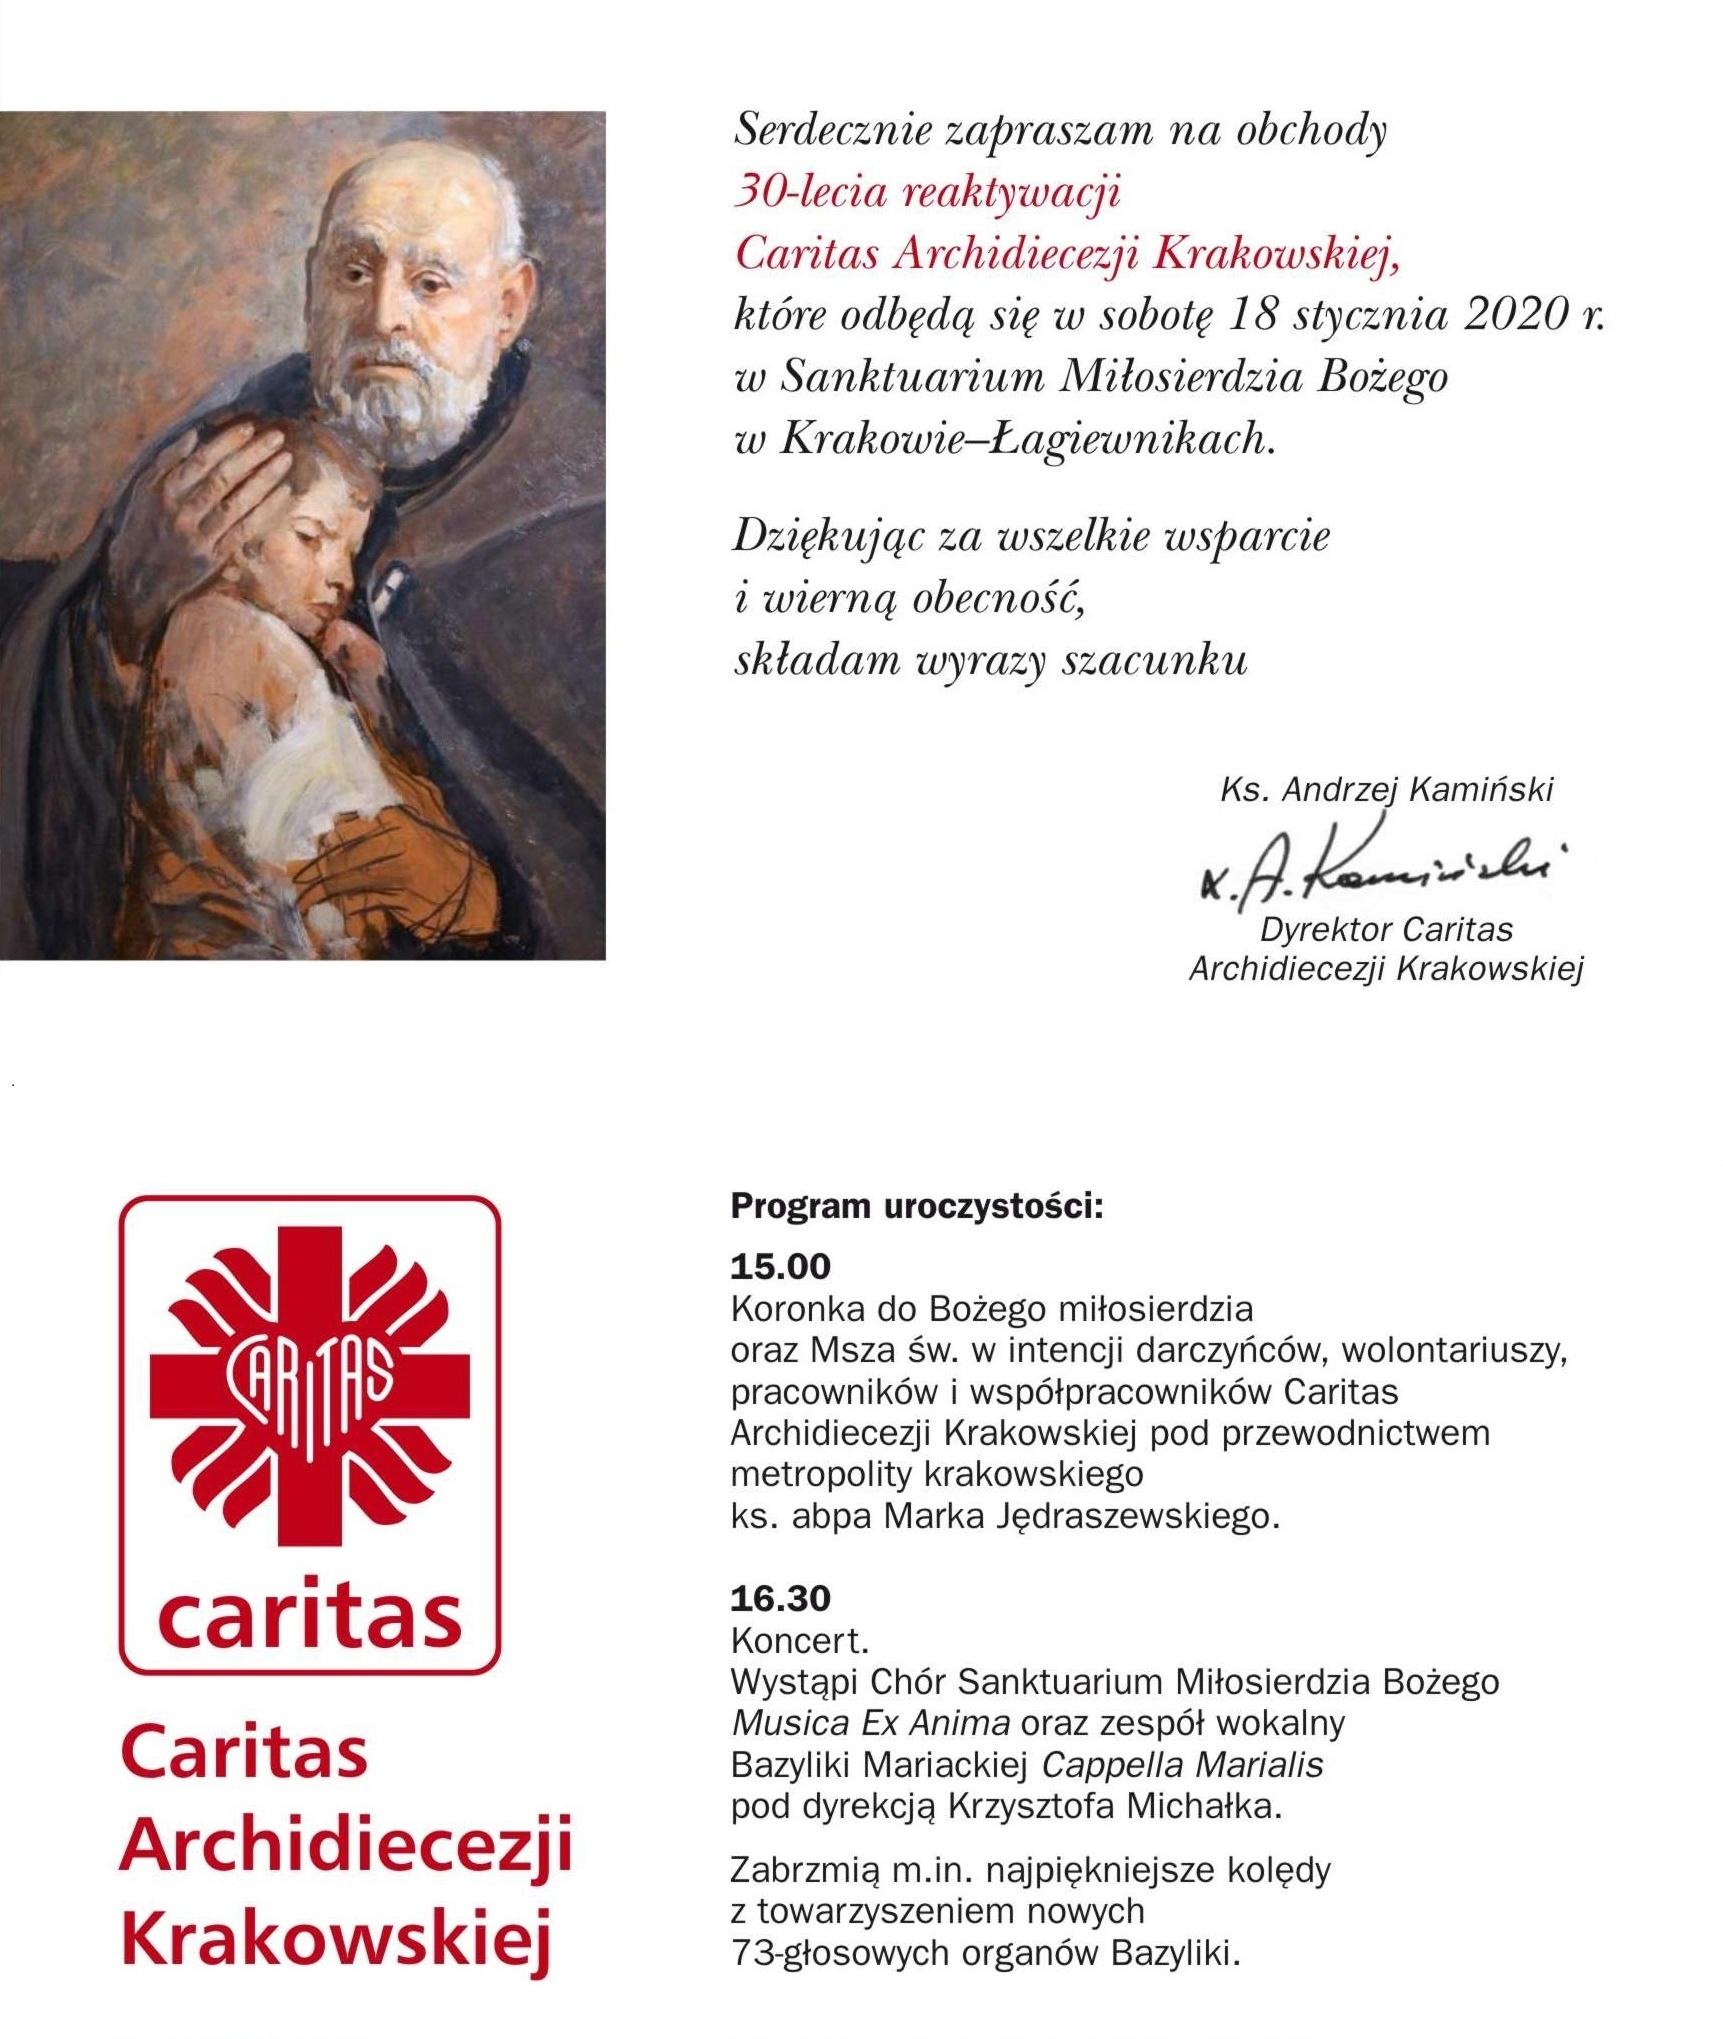 30-lecie Caritas Archidiecezji Krakowskiej